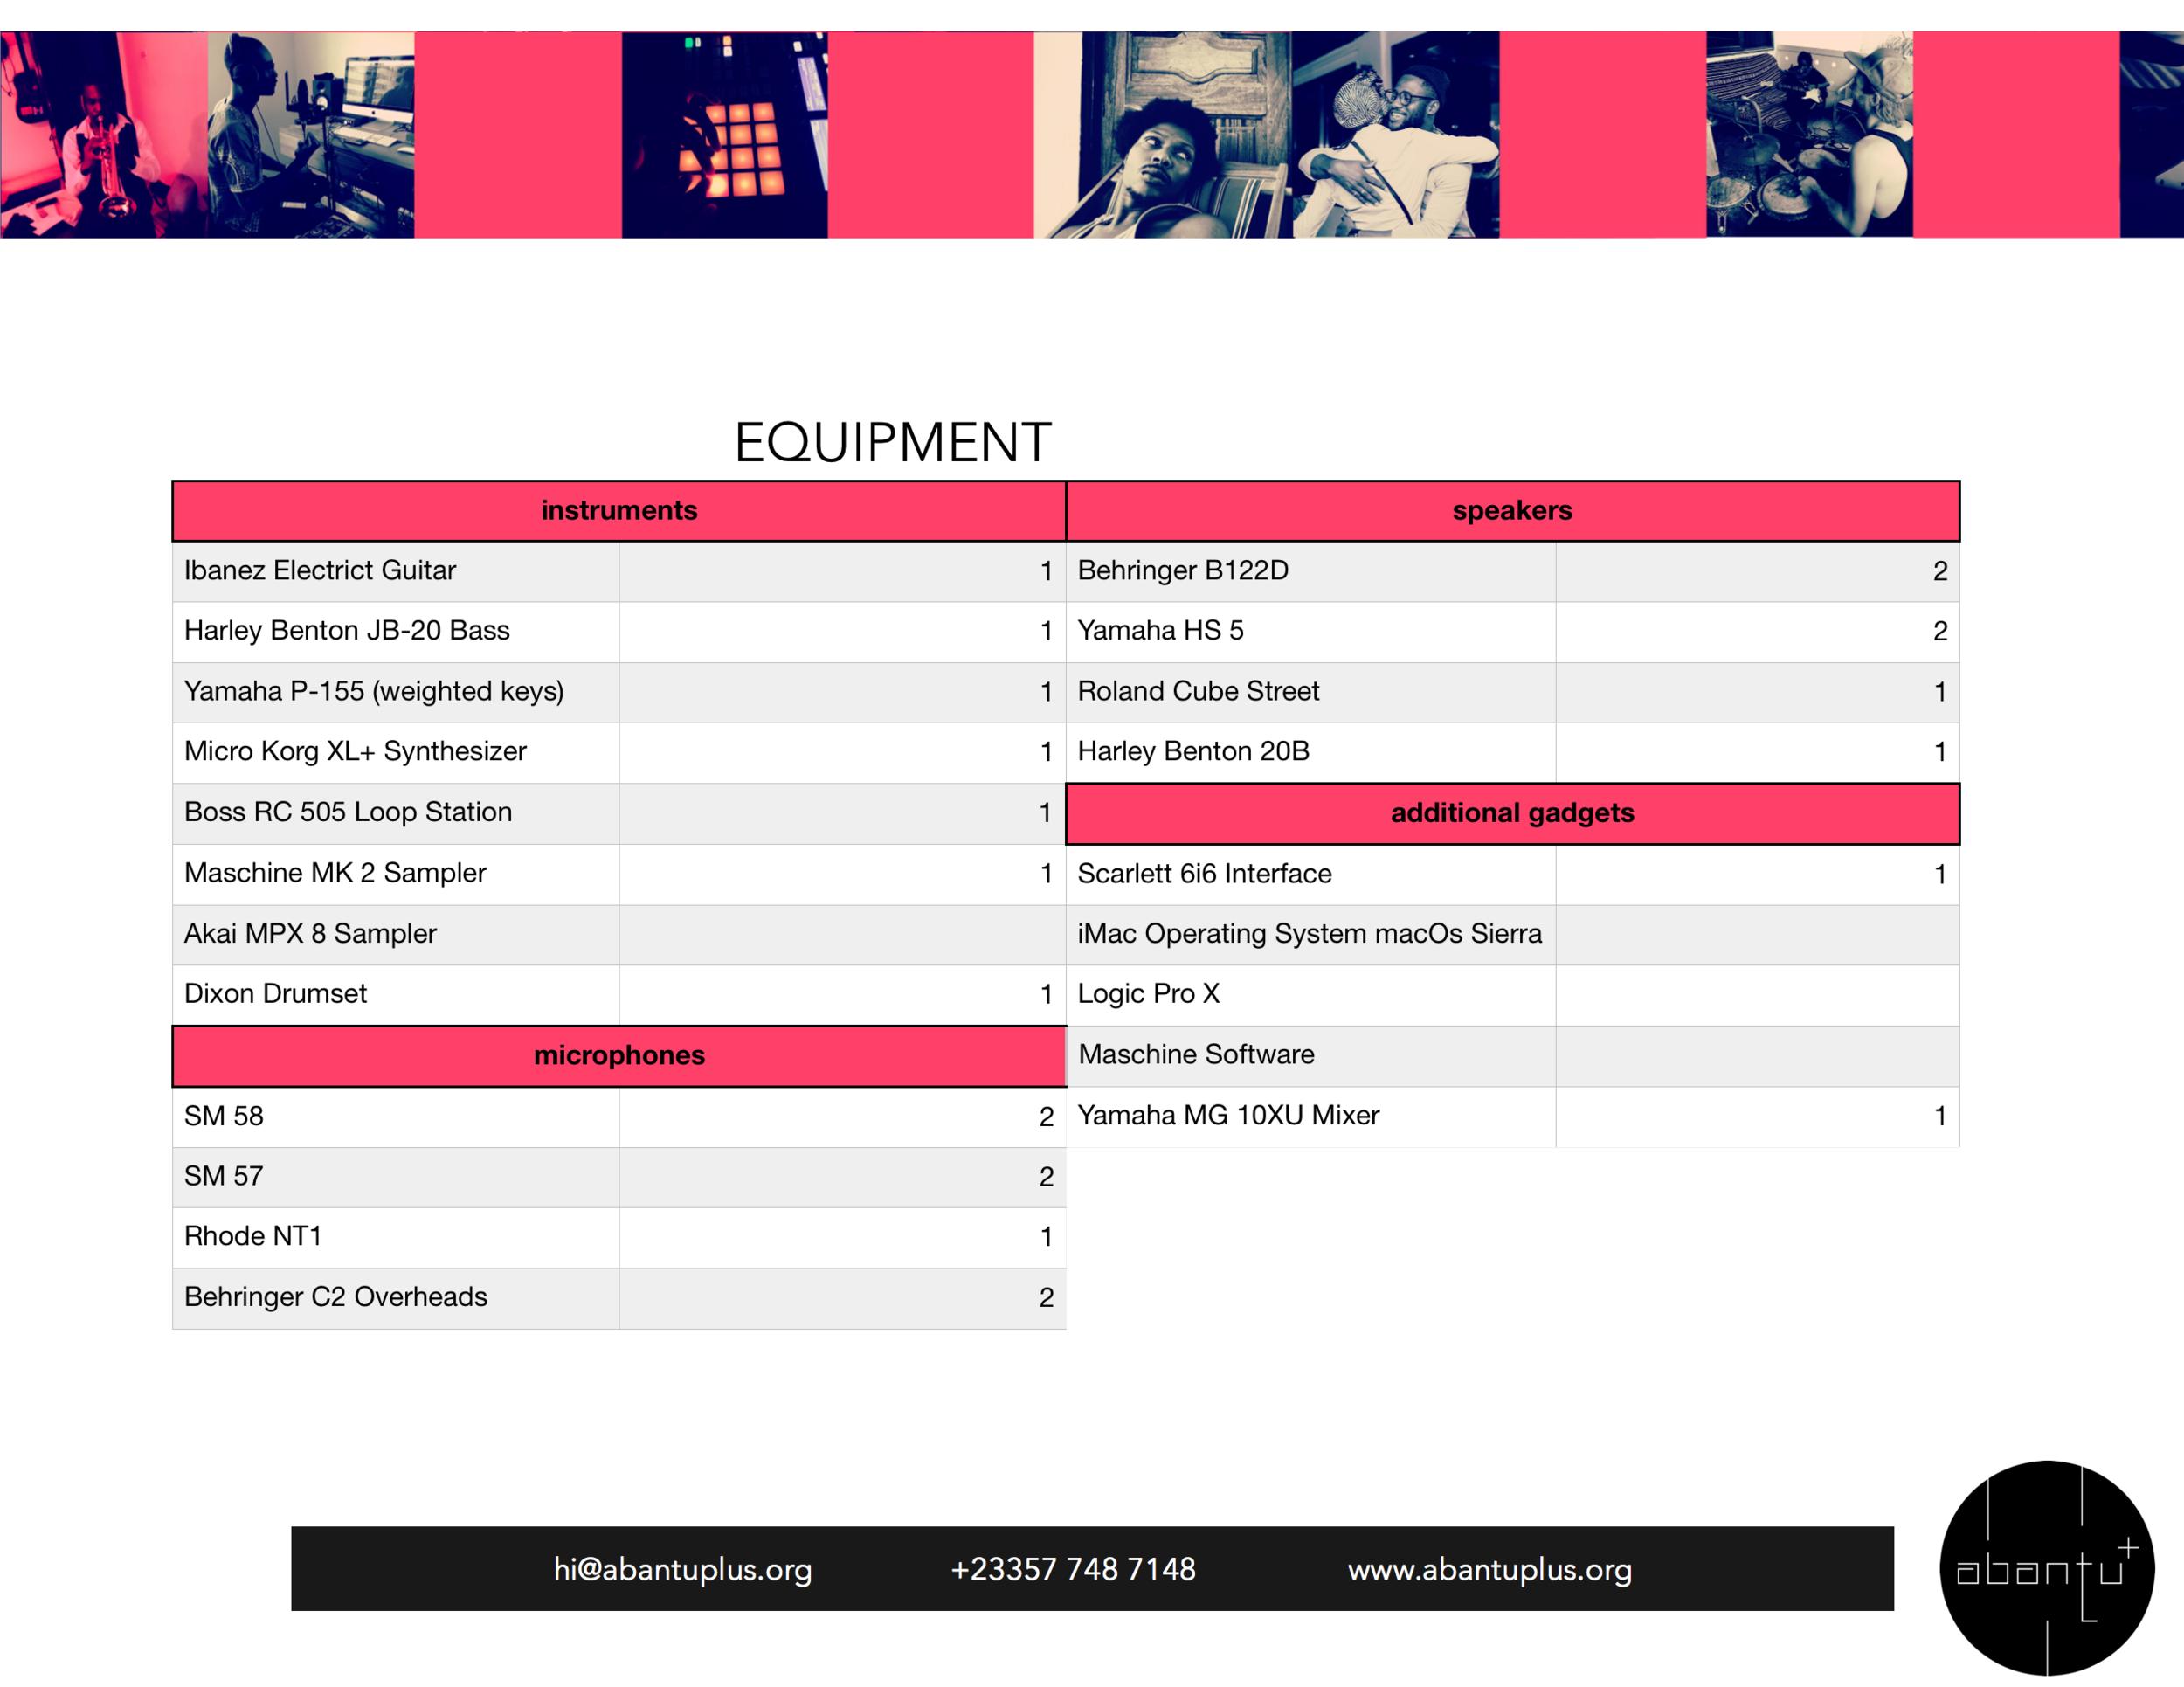 08_abantu+ equipment.png